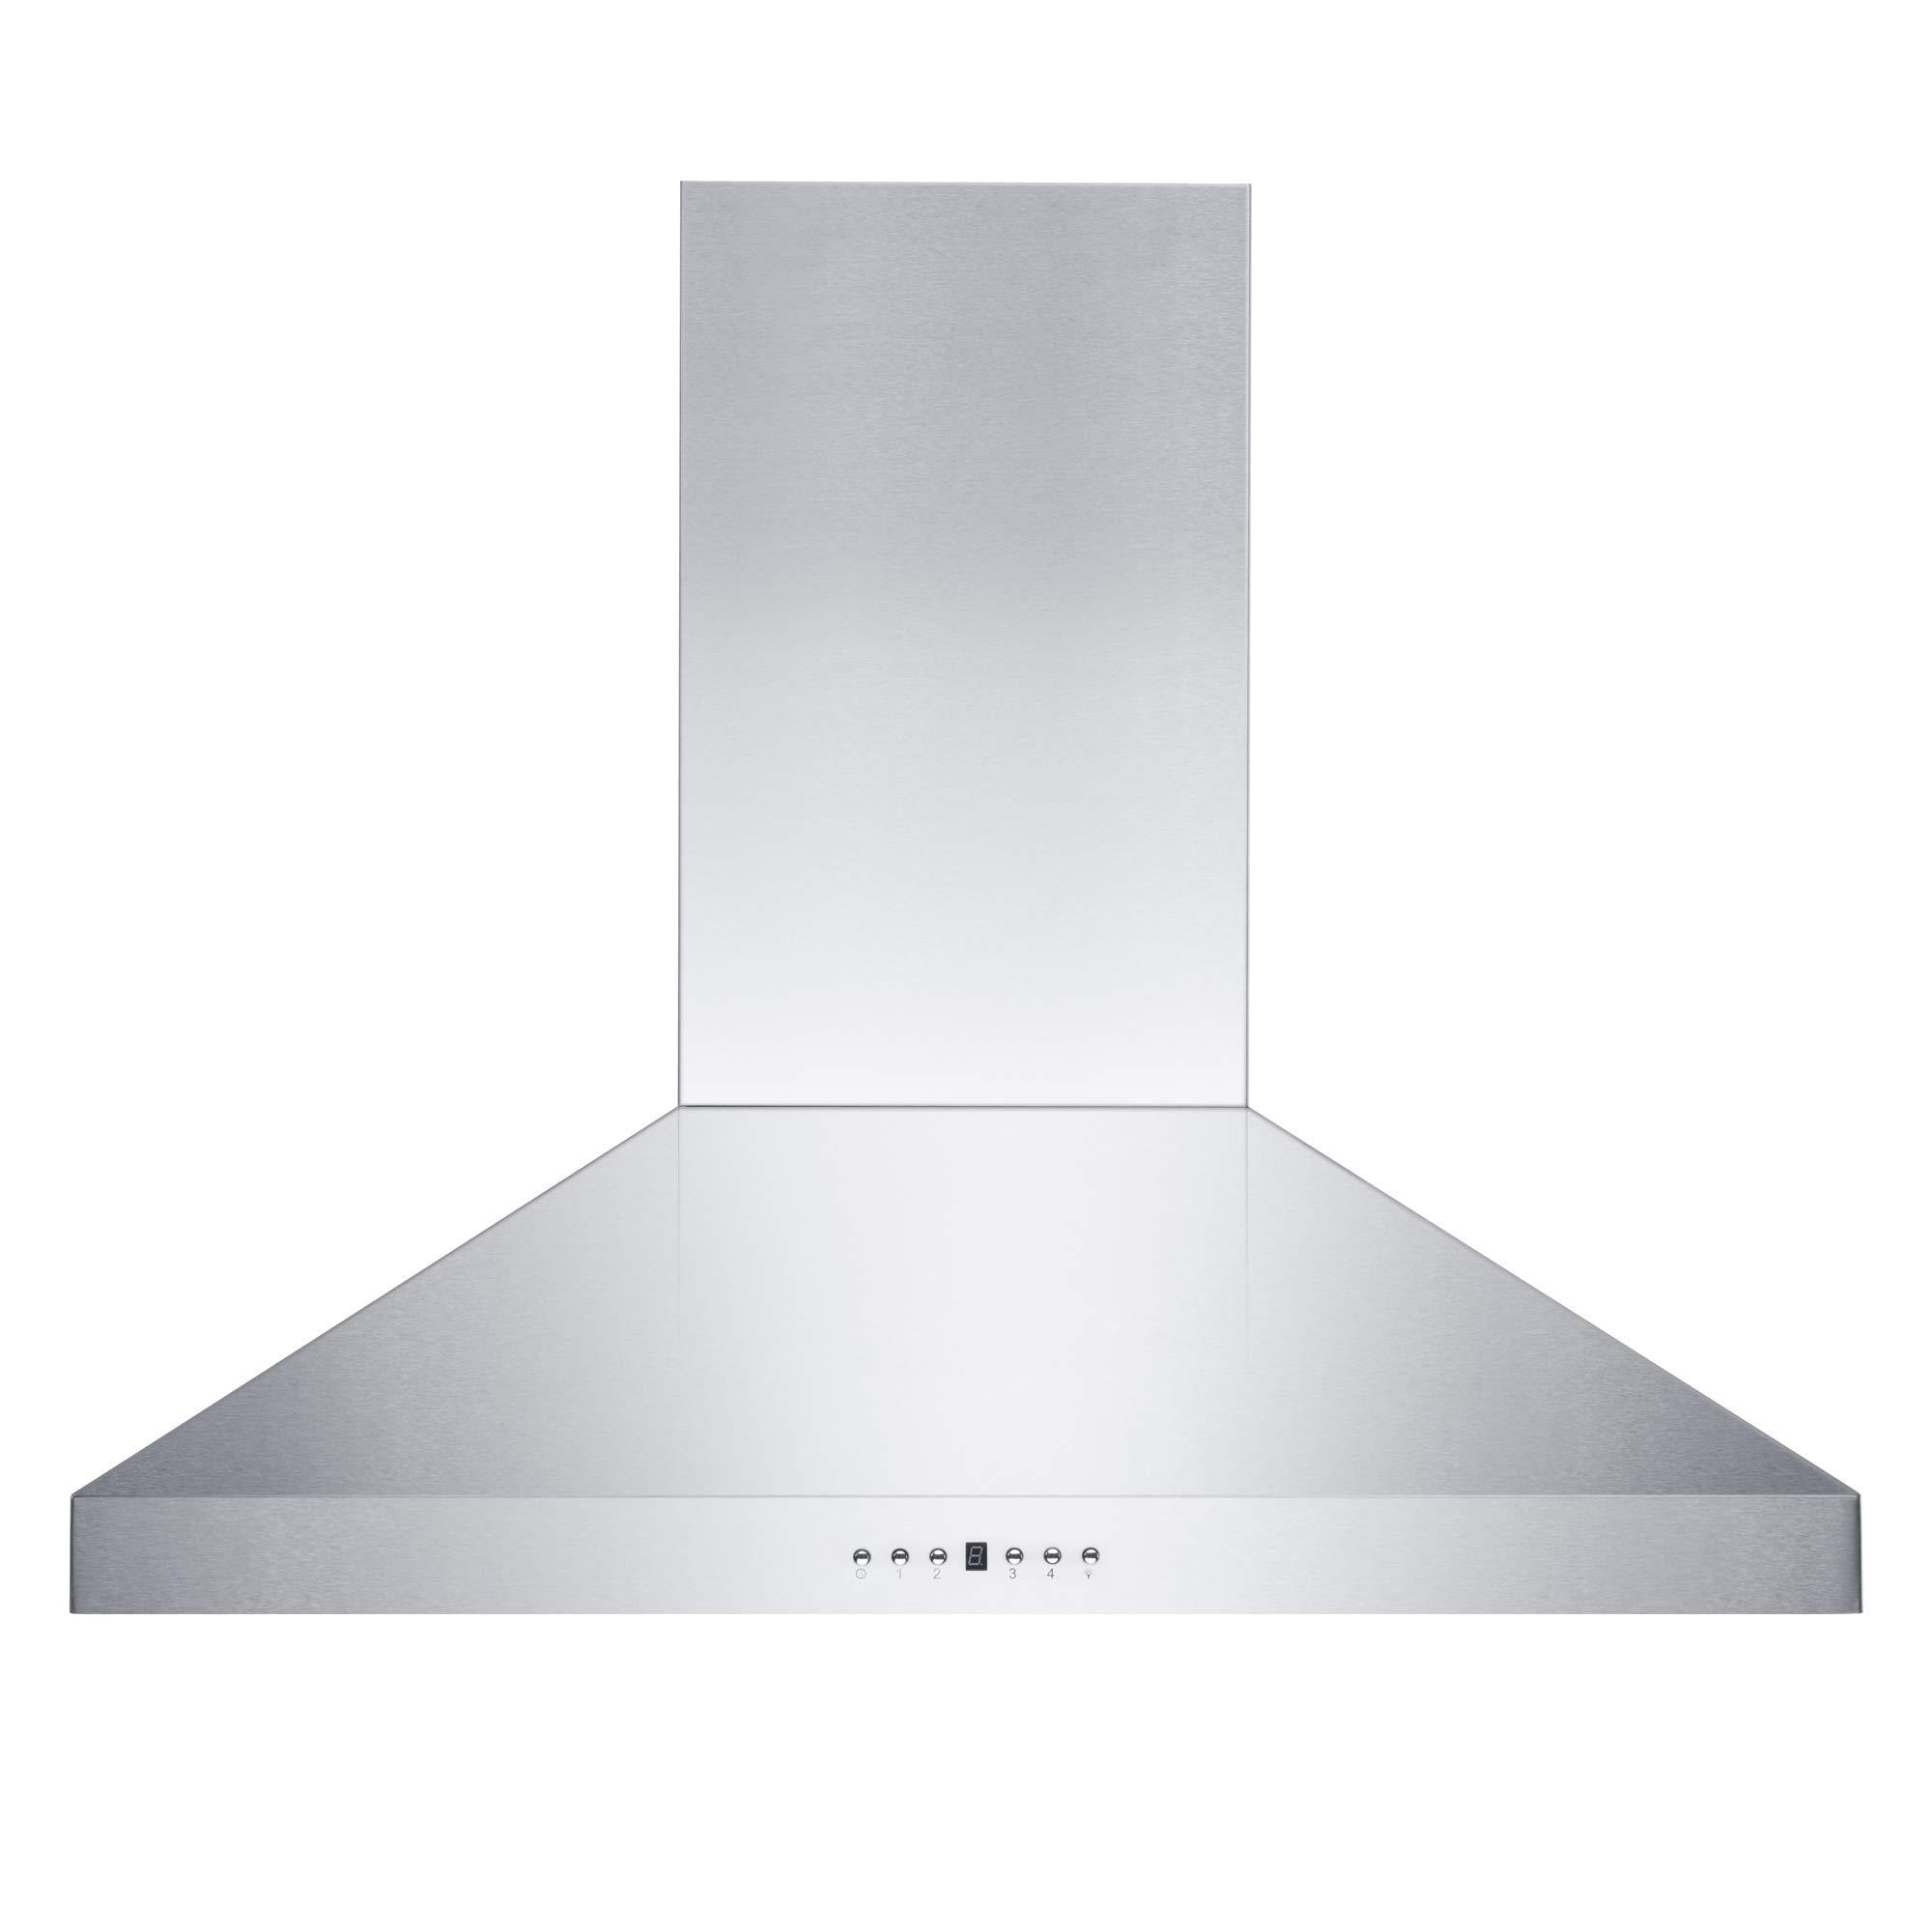 ZLINE 30 pulgadas. Campana de montaje en pared 760 CFM en acero inoxidable (KL3-30): Amazon.es: Grandes electrodomésticos